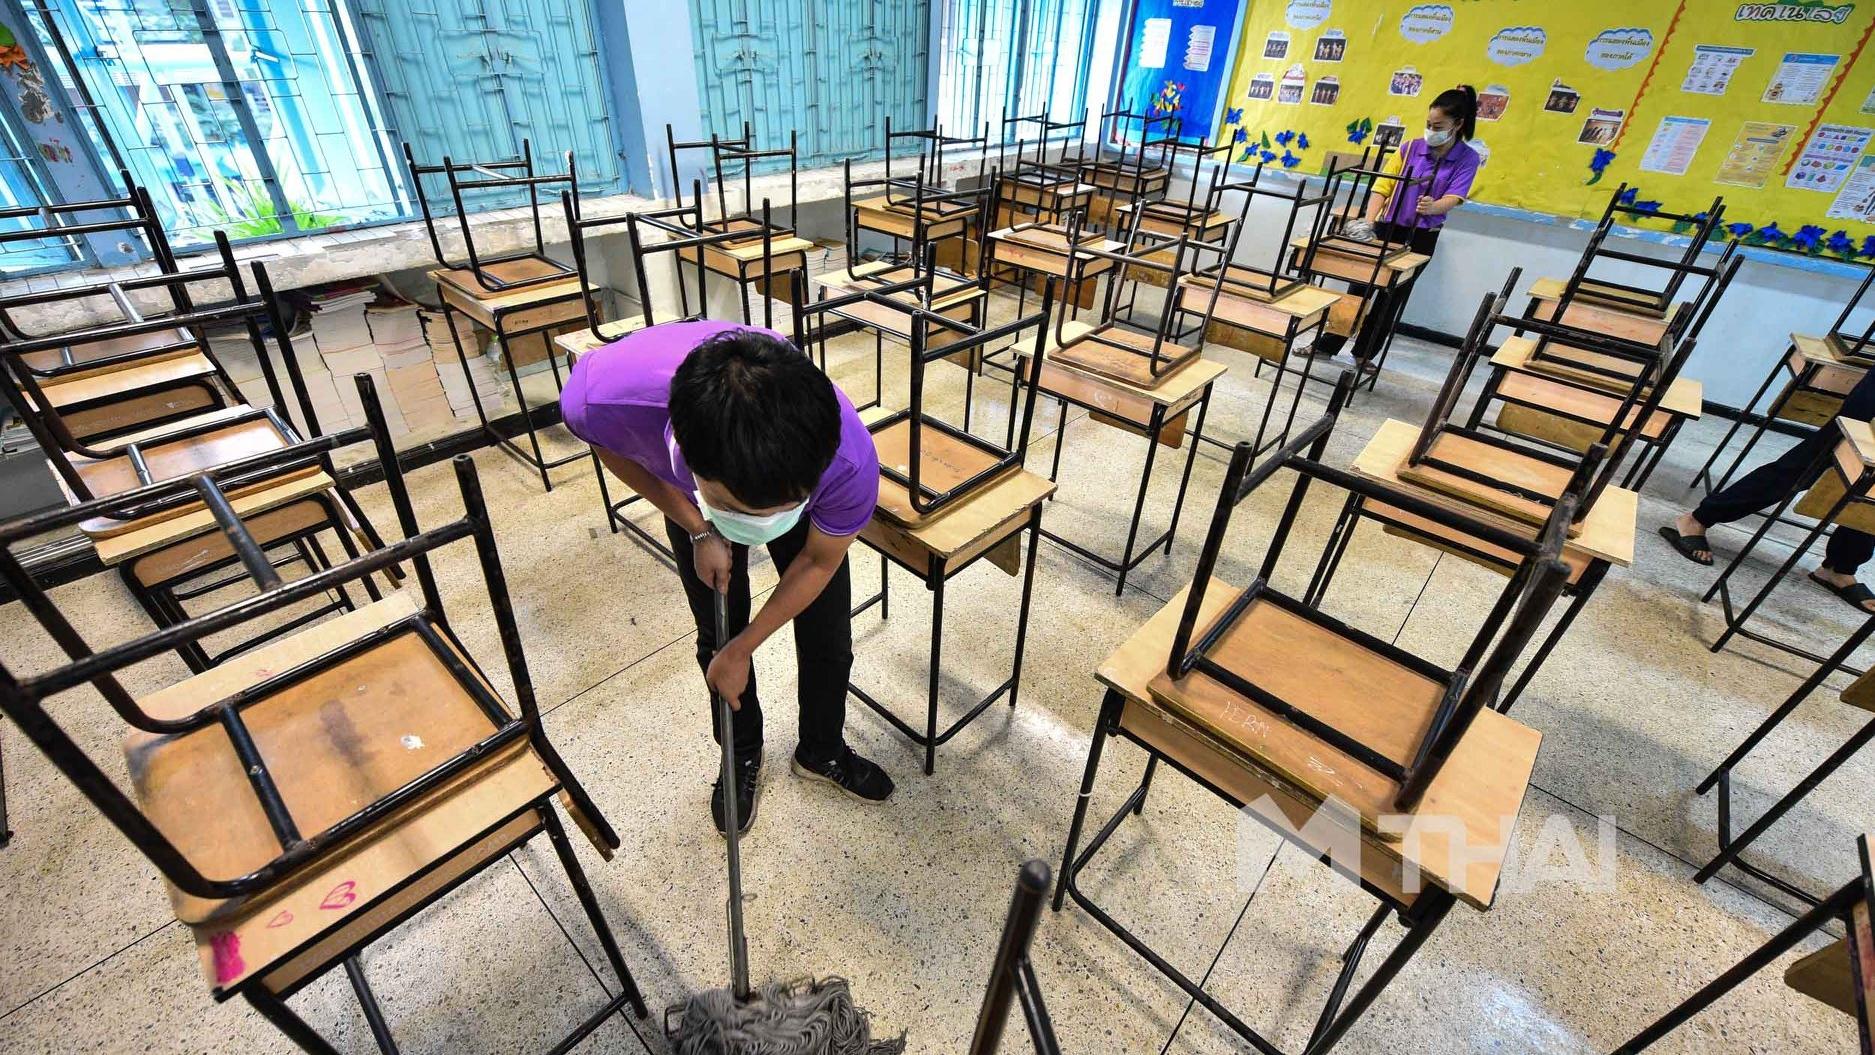 Big cleaning เปิดการเรียนการสอน โควิด-19 โรงเรียนมัธยมบ้านบางกะปิ